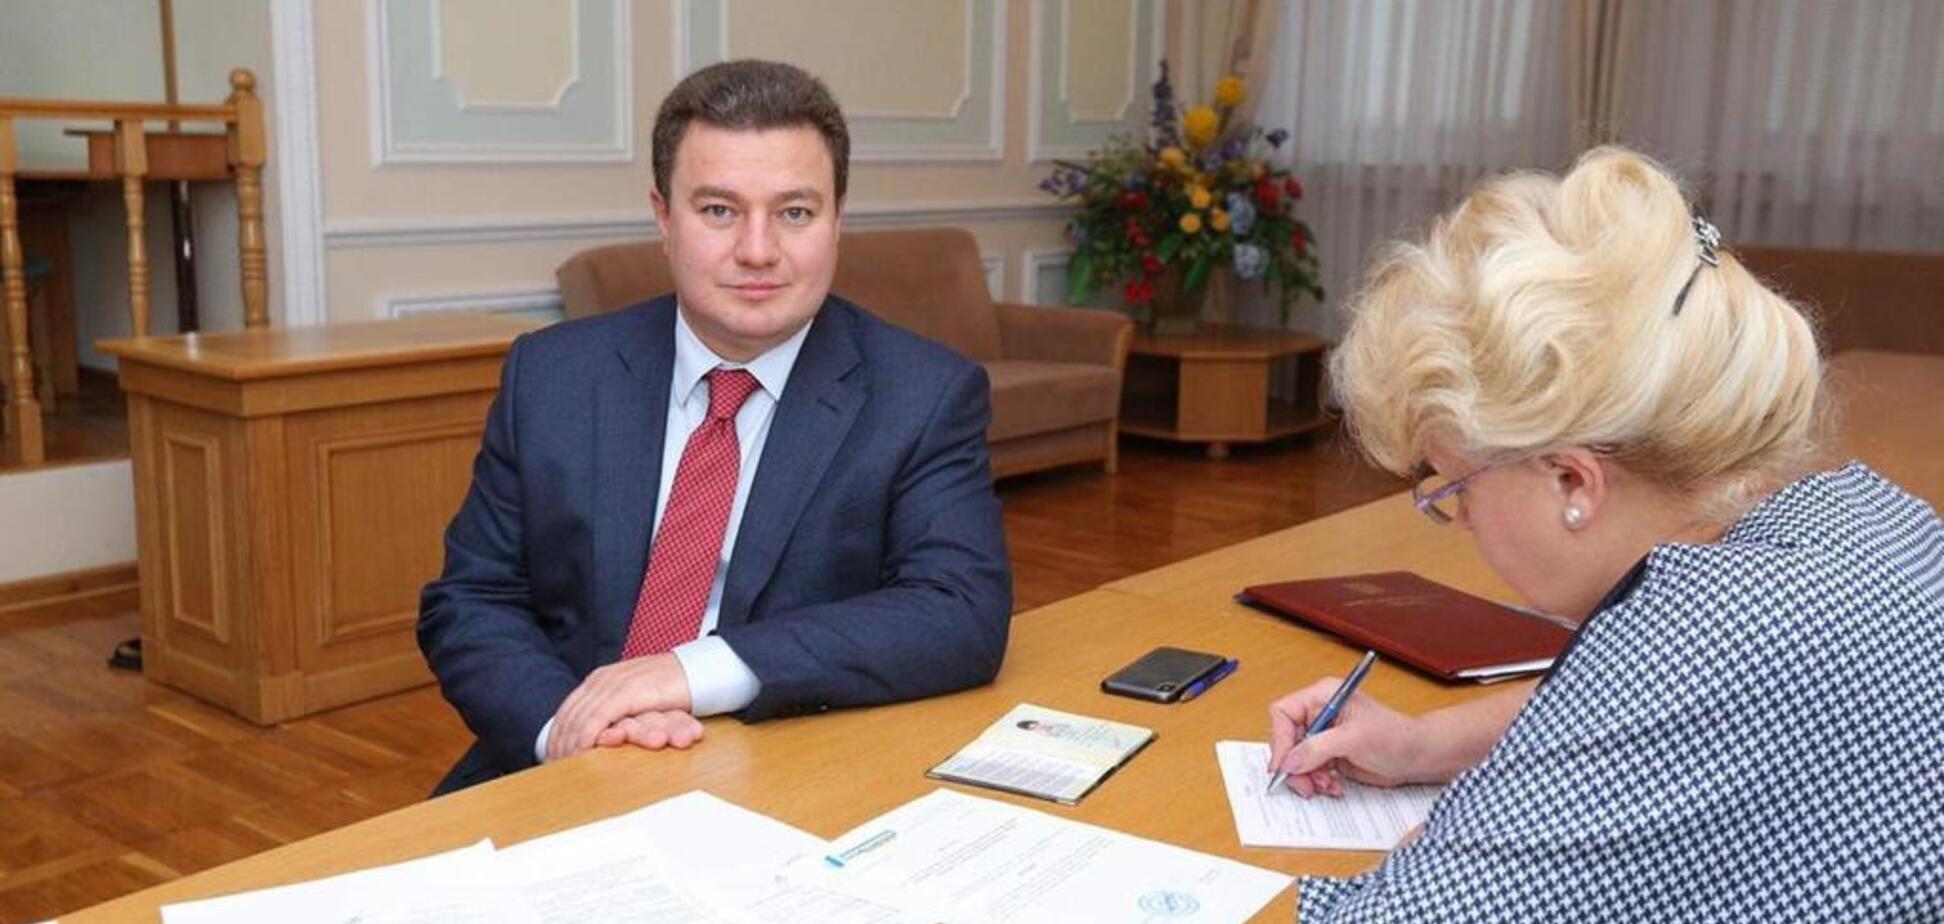 Бондар подав документи до ЦВК для реєстрації кандидатом у президенти